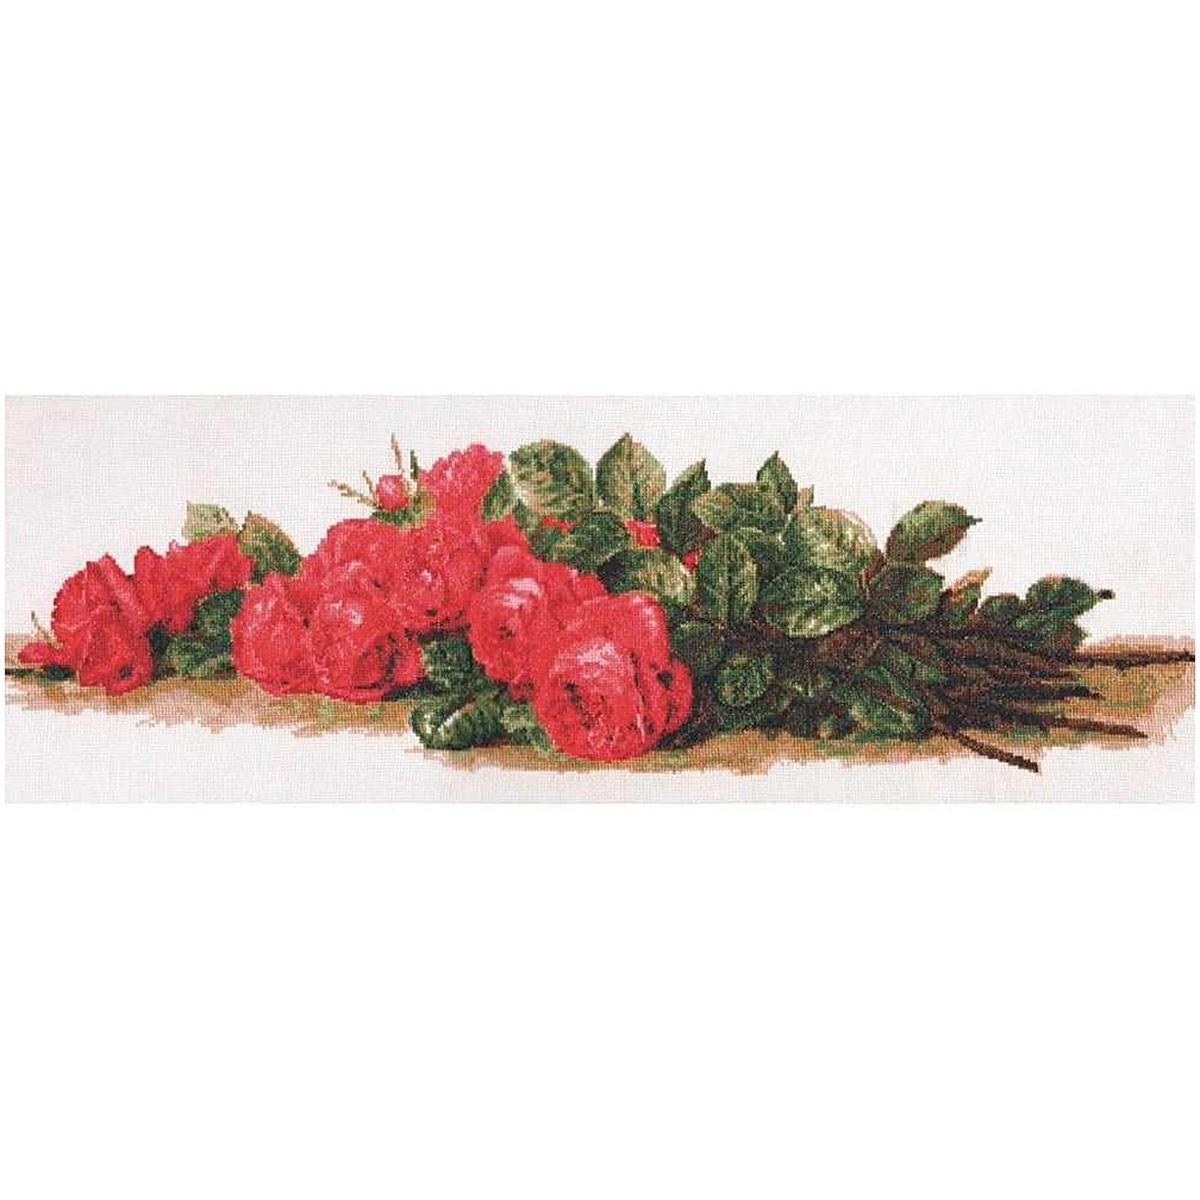 01.007 Набор для вышивания 'Палитра' 'Розы на столе', 59х20 см